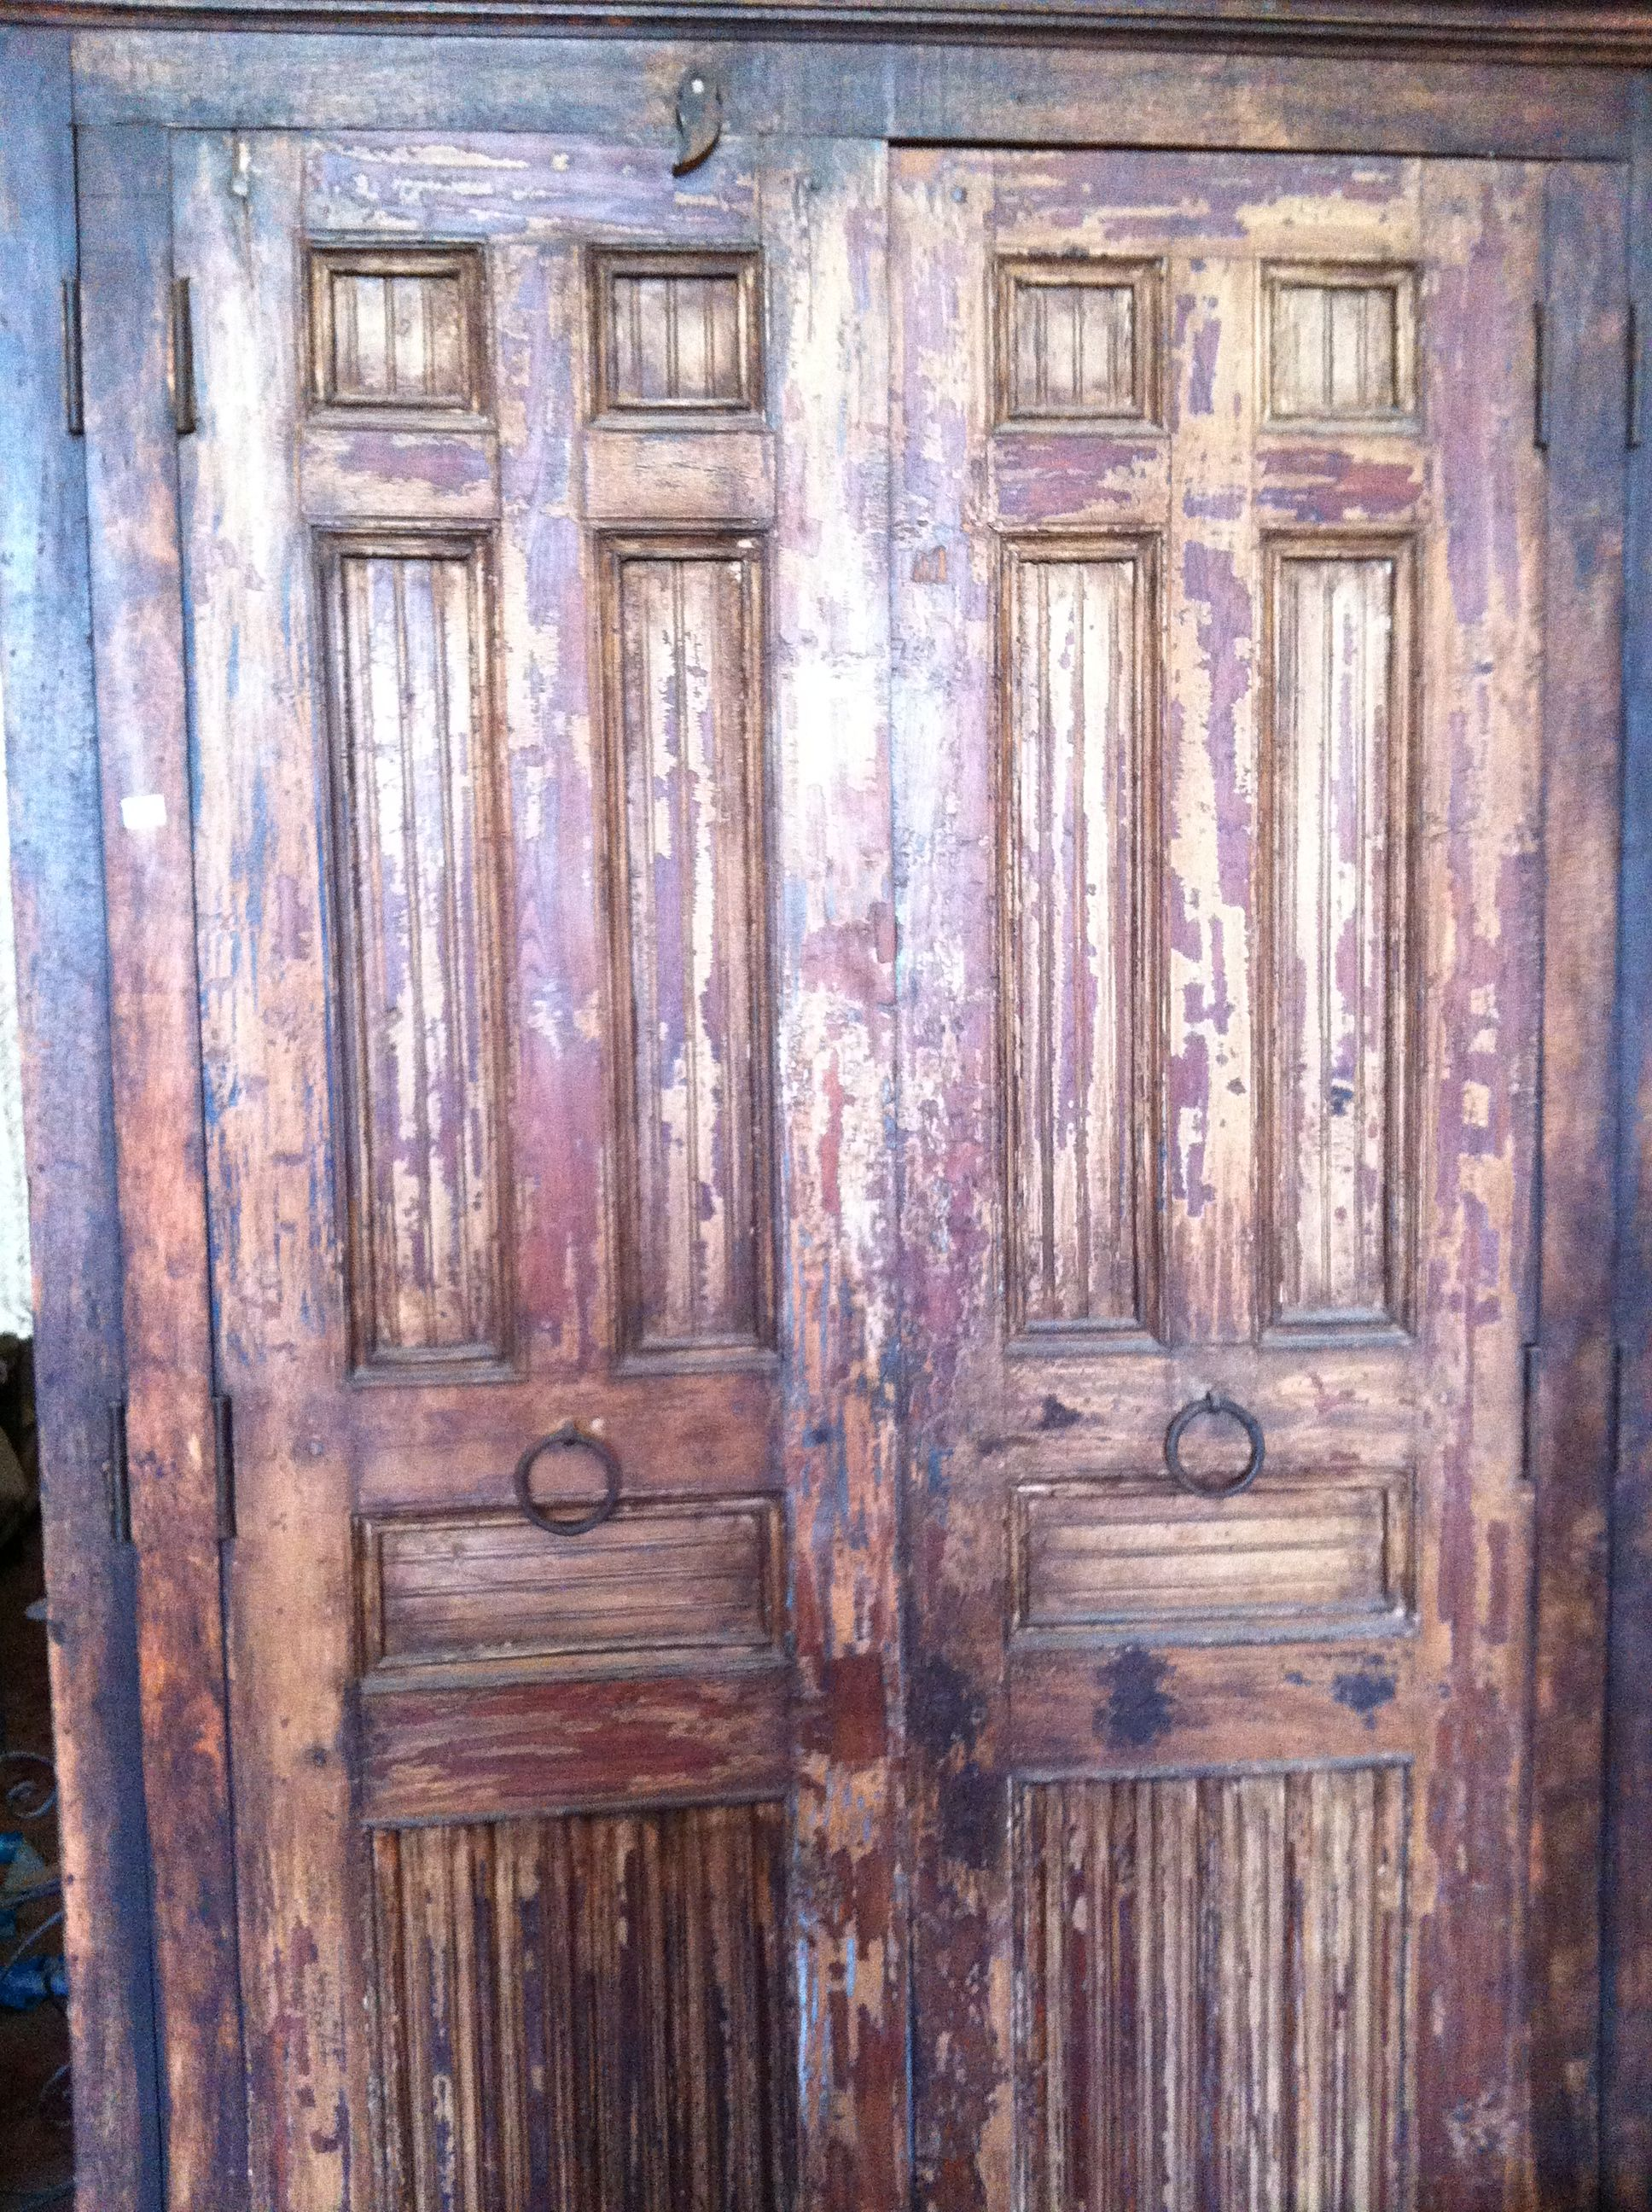 Armario Puertas Antiguas Almamed Artesan A Marroqu Pinterest  # Saqqara Muebles Y Decoracion